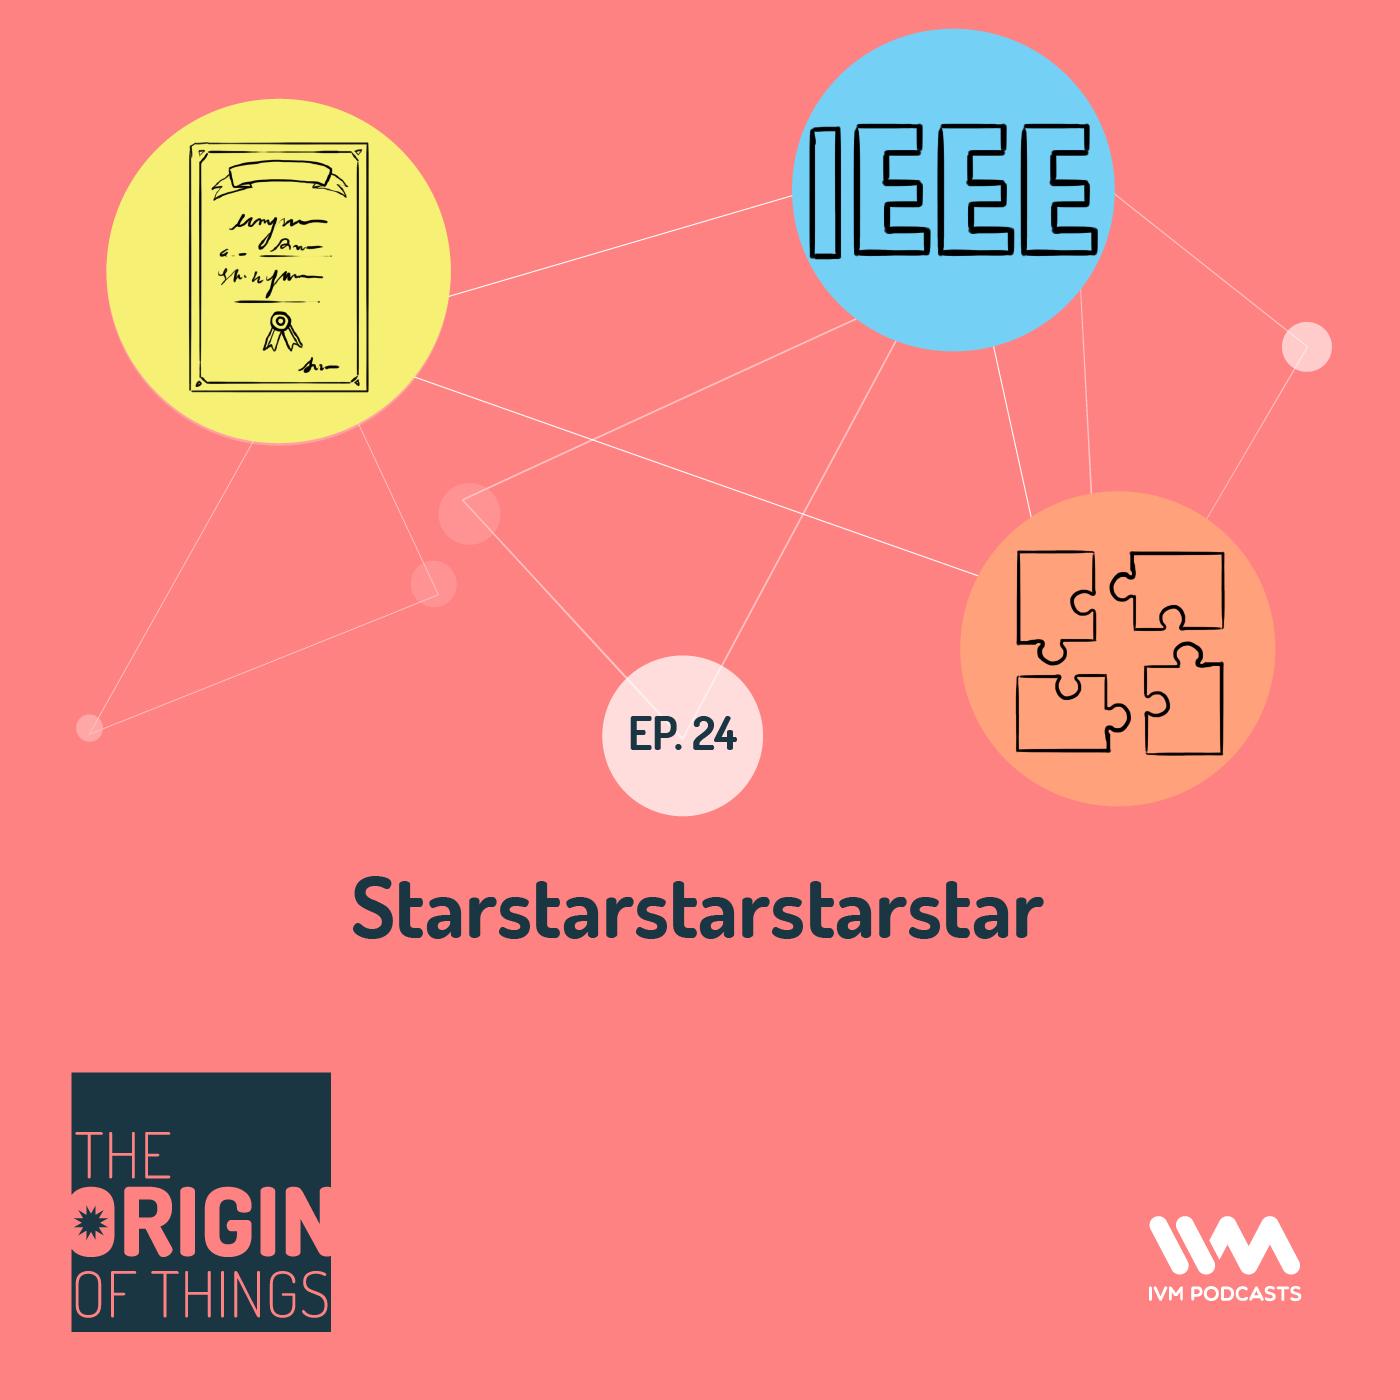 Ep. 24: Starstarstarstarstar